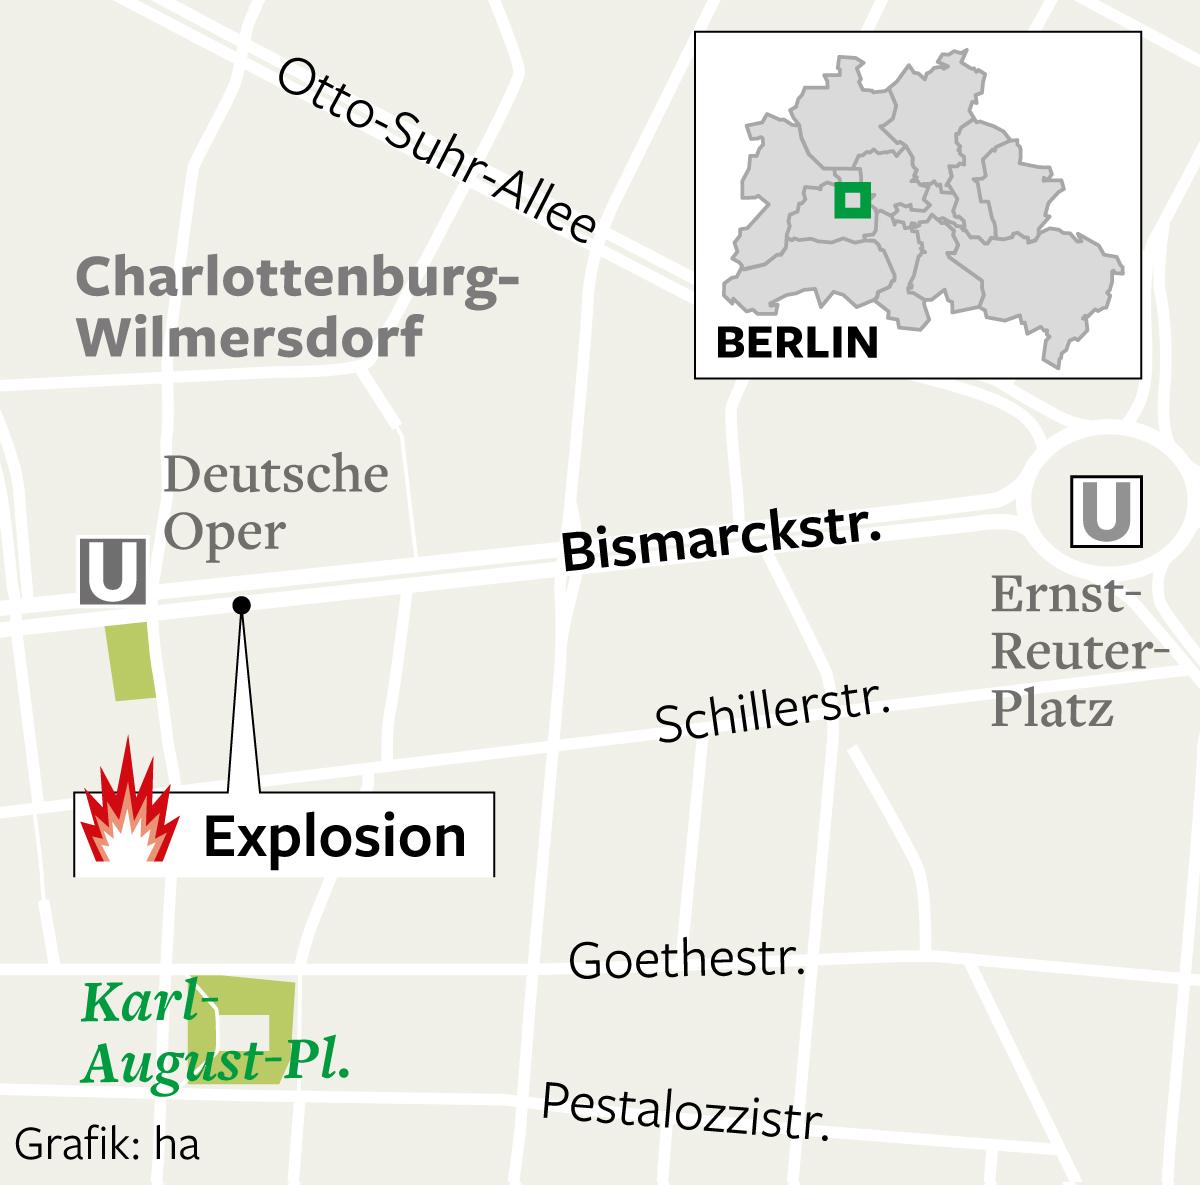 Explosion an der Bismarckstraße